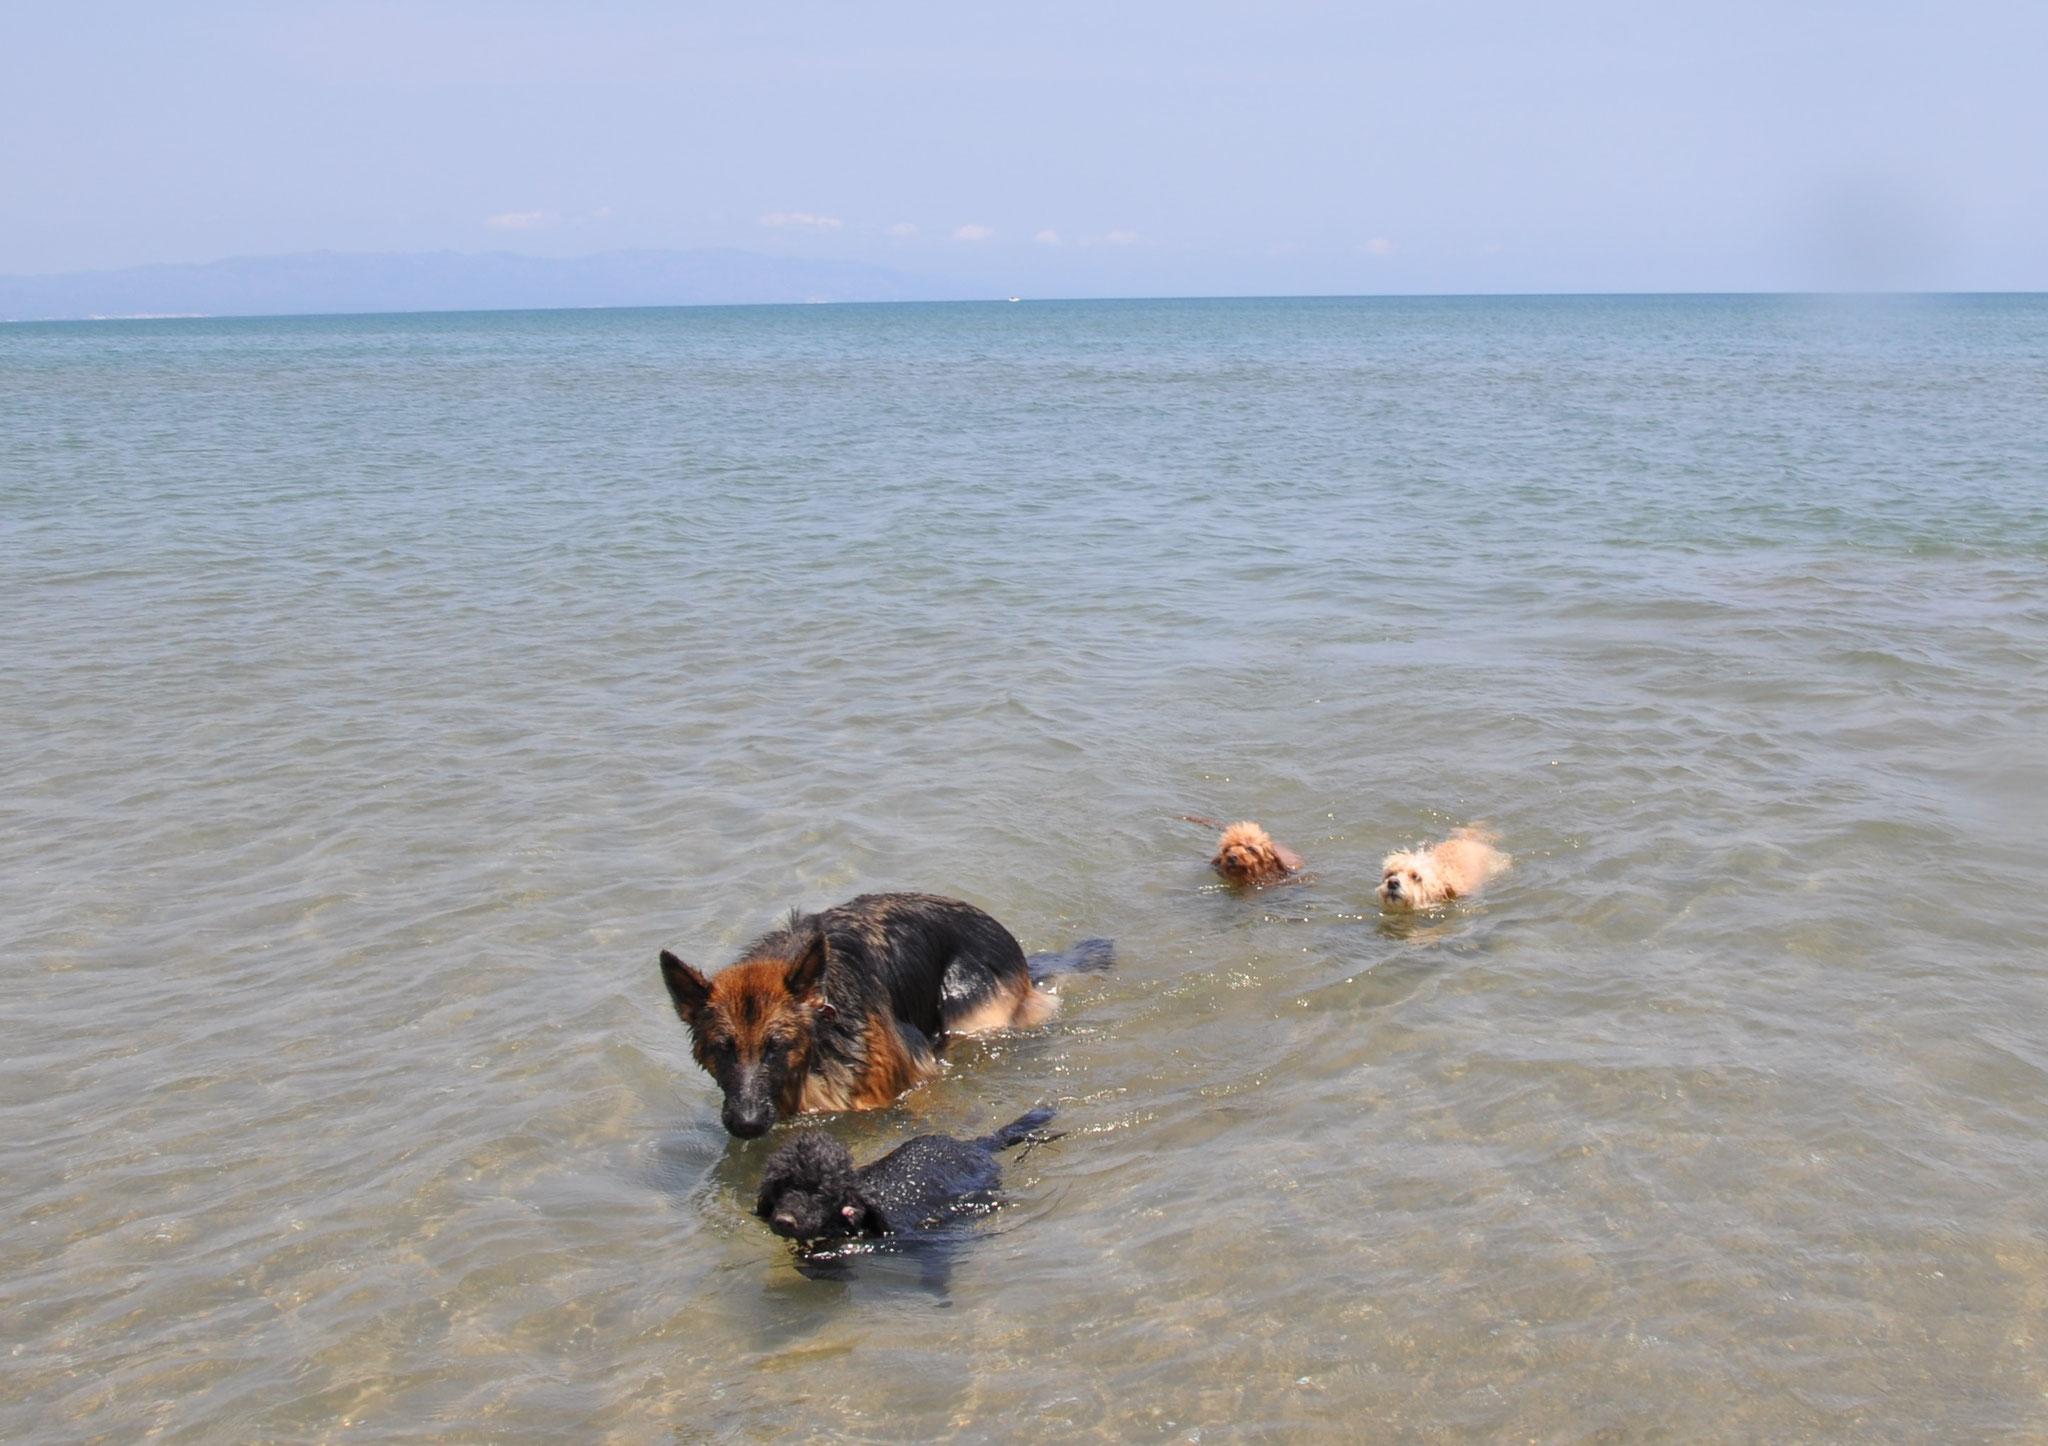 ...geschwommen ist sie nur selten